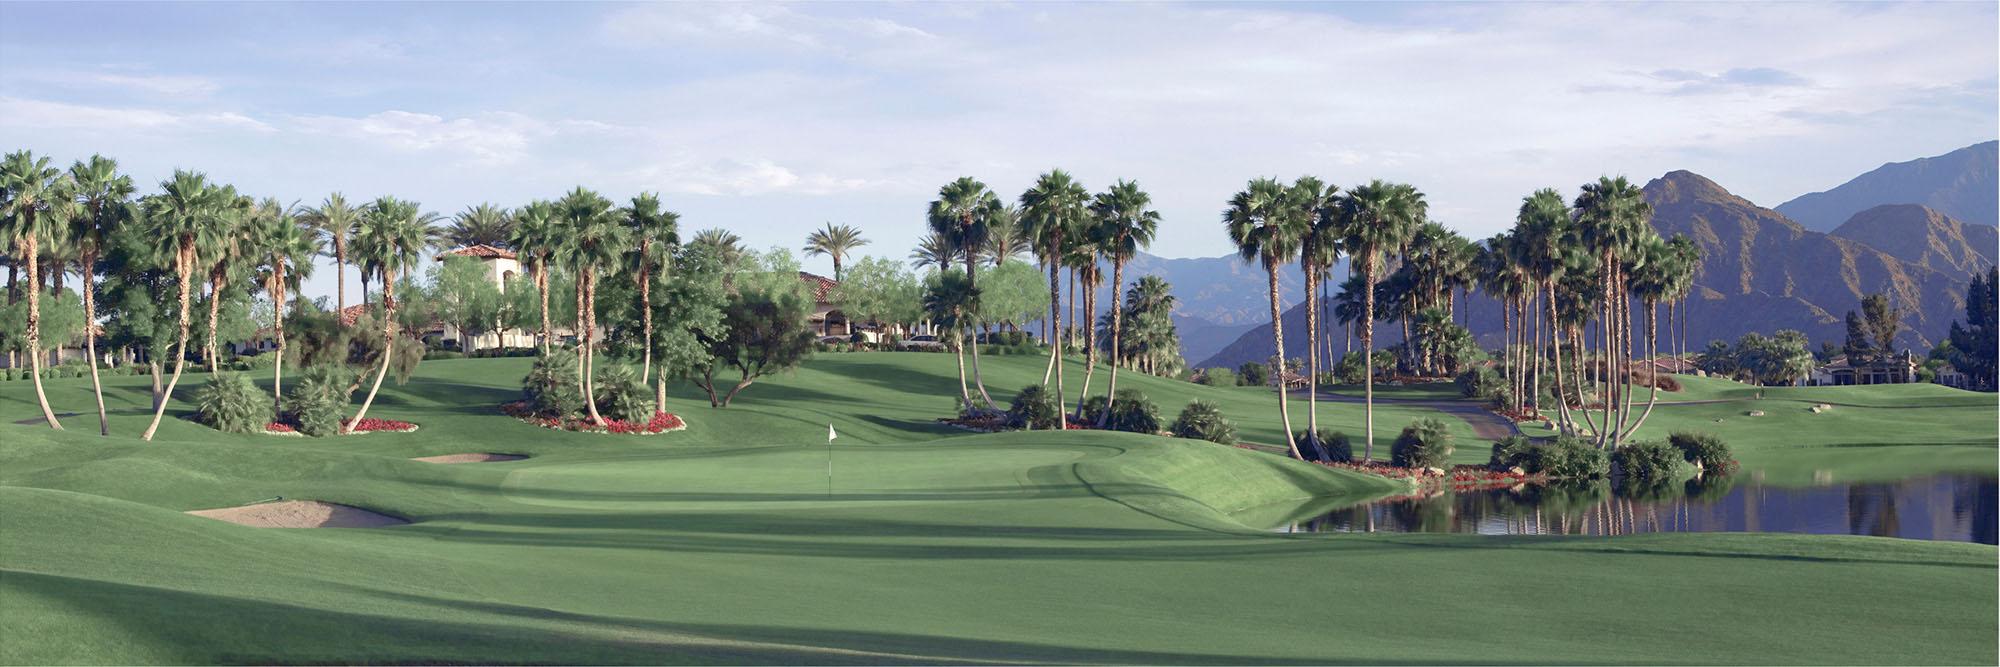 Golf Course Image - Rancho La Quinta Jones No. 9